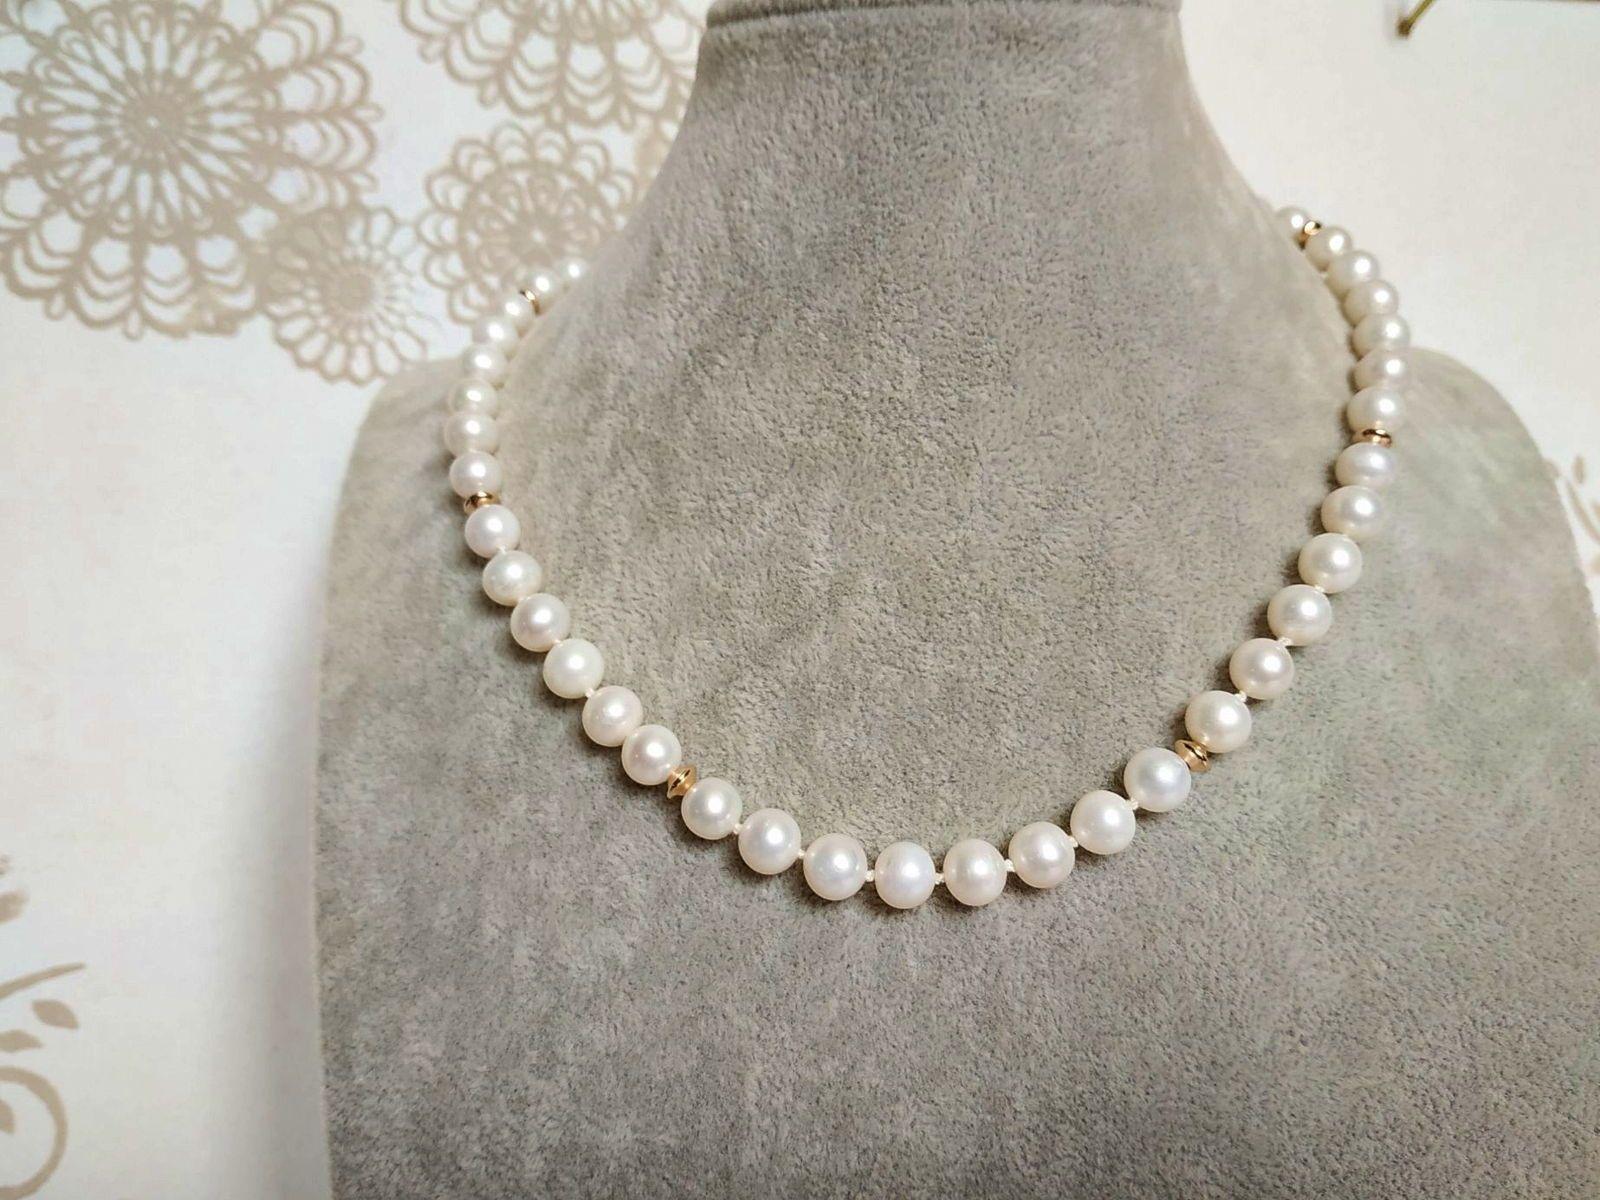 Vends collier de perles de culture d'eau douce 8mm